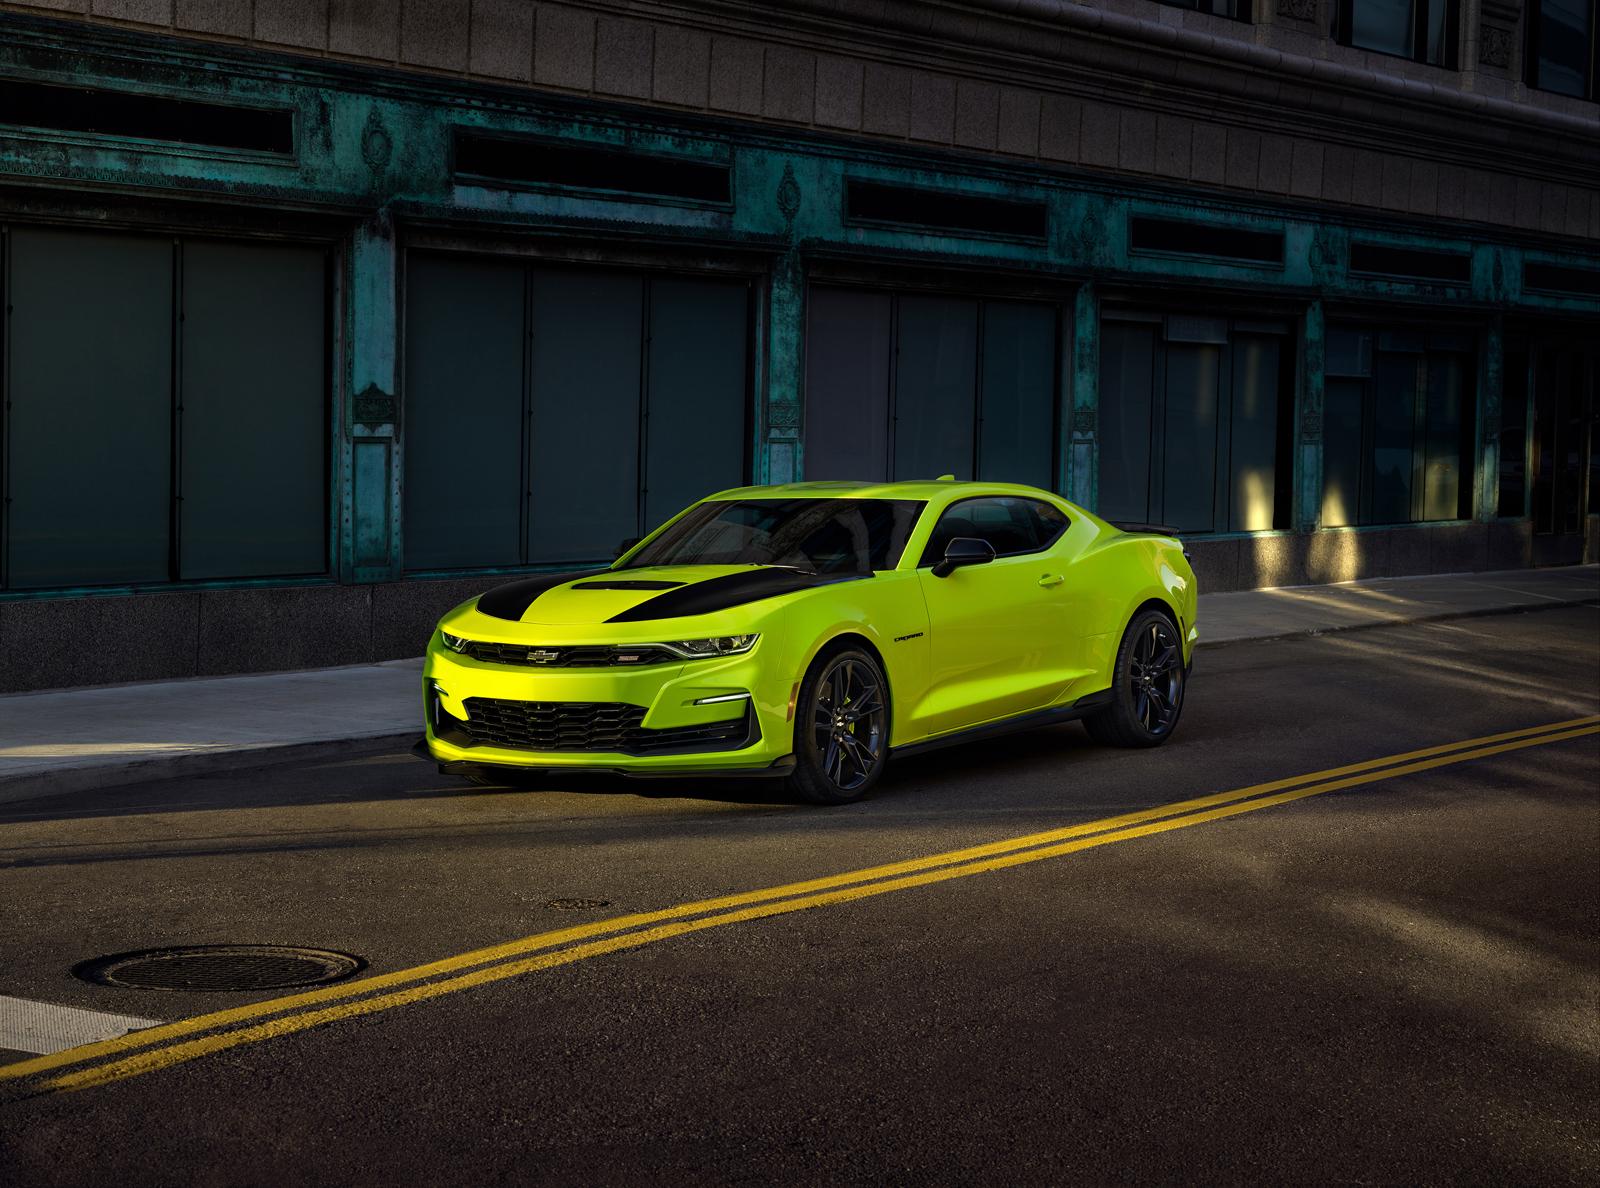 camaro yellow chevrolet shock gm